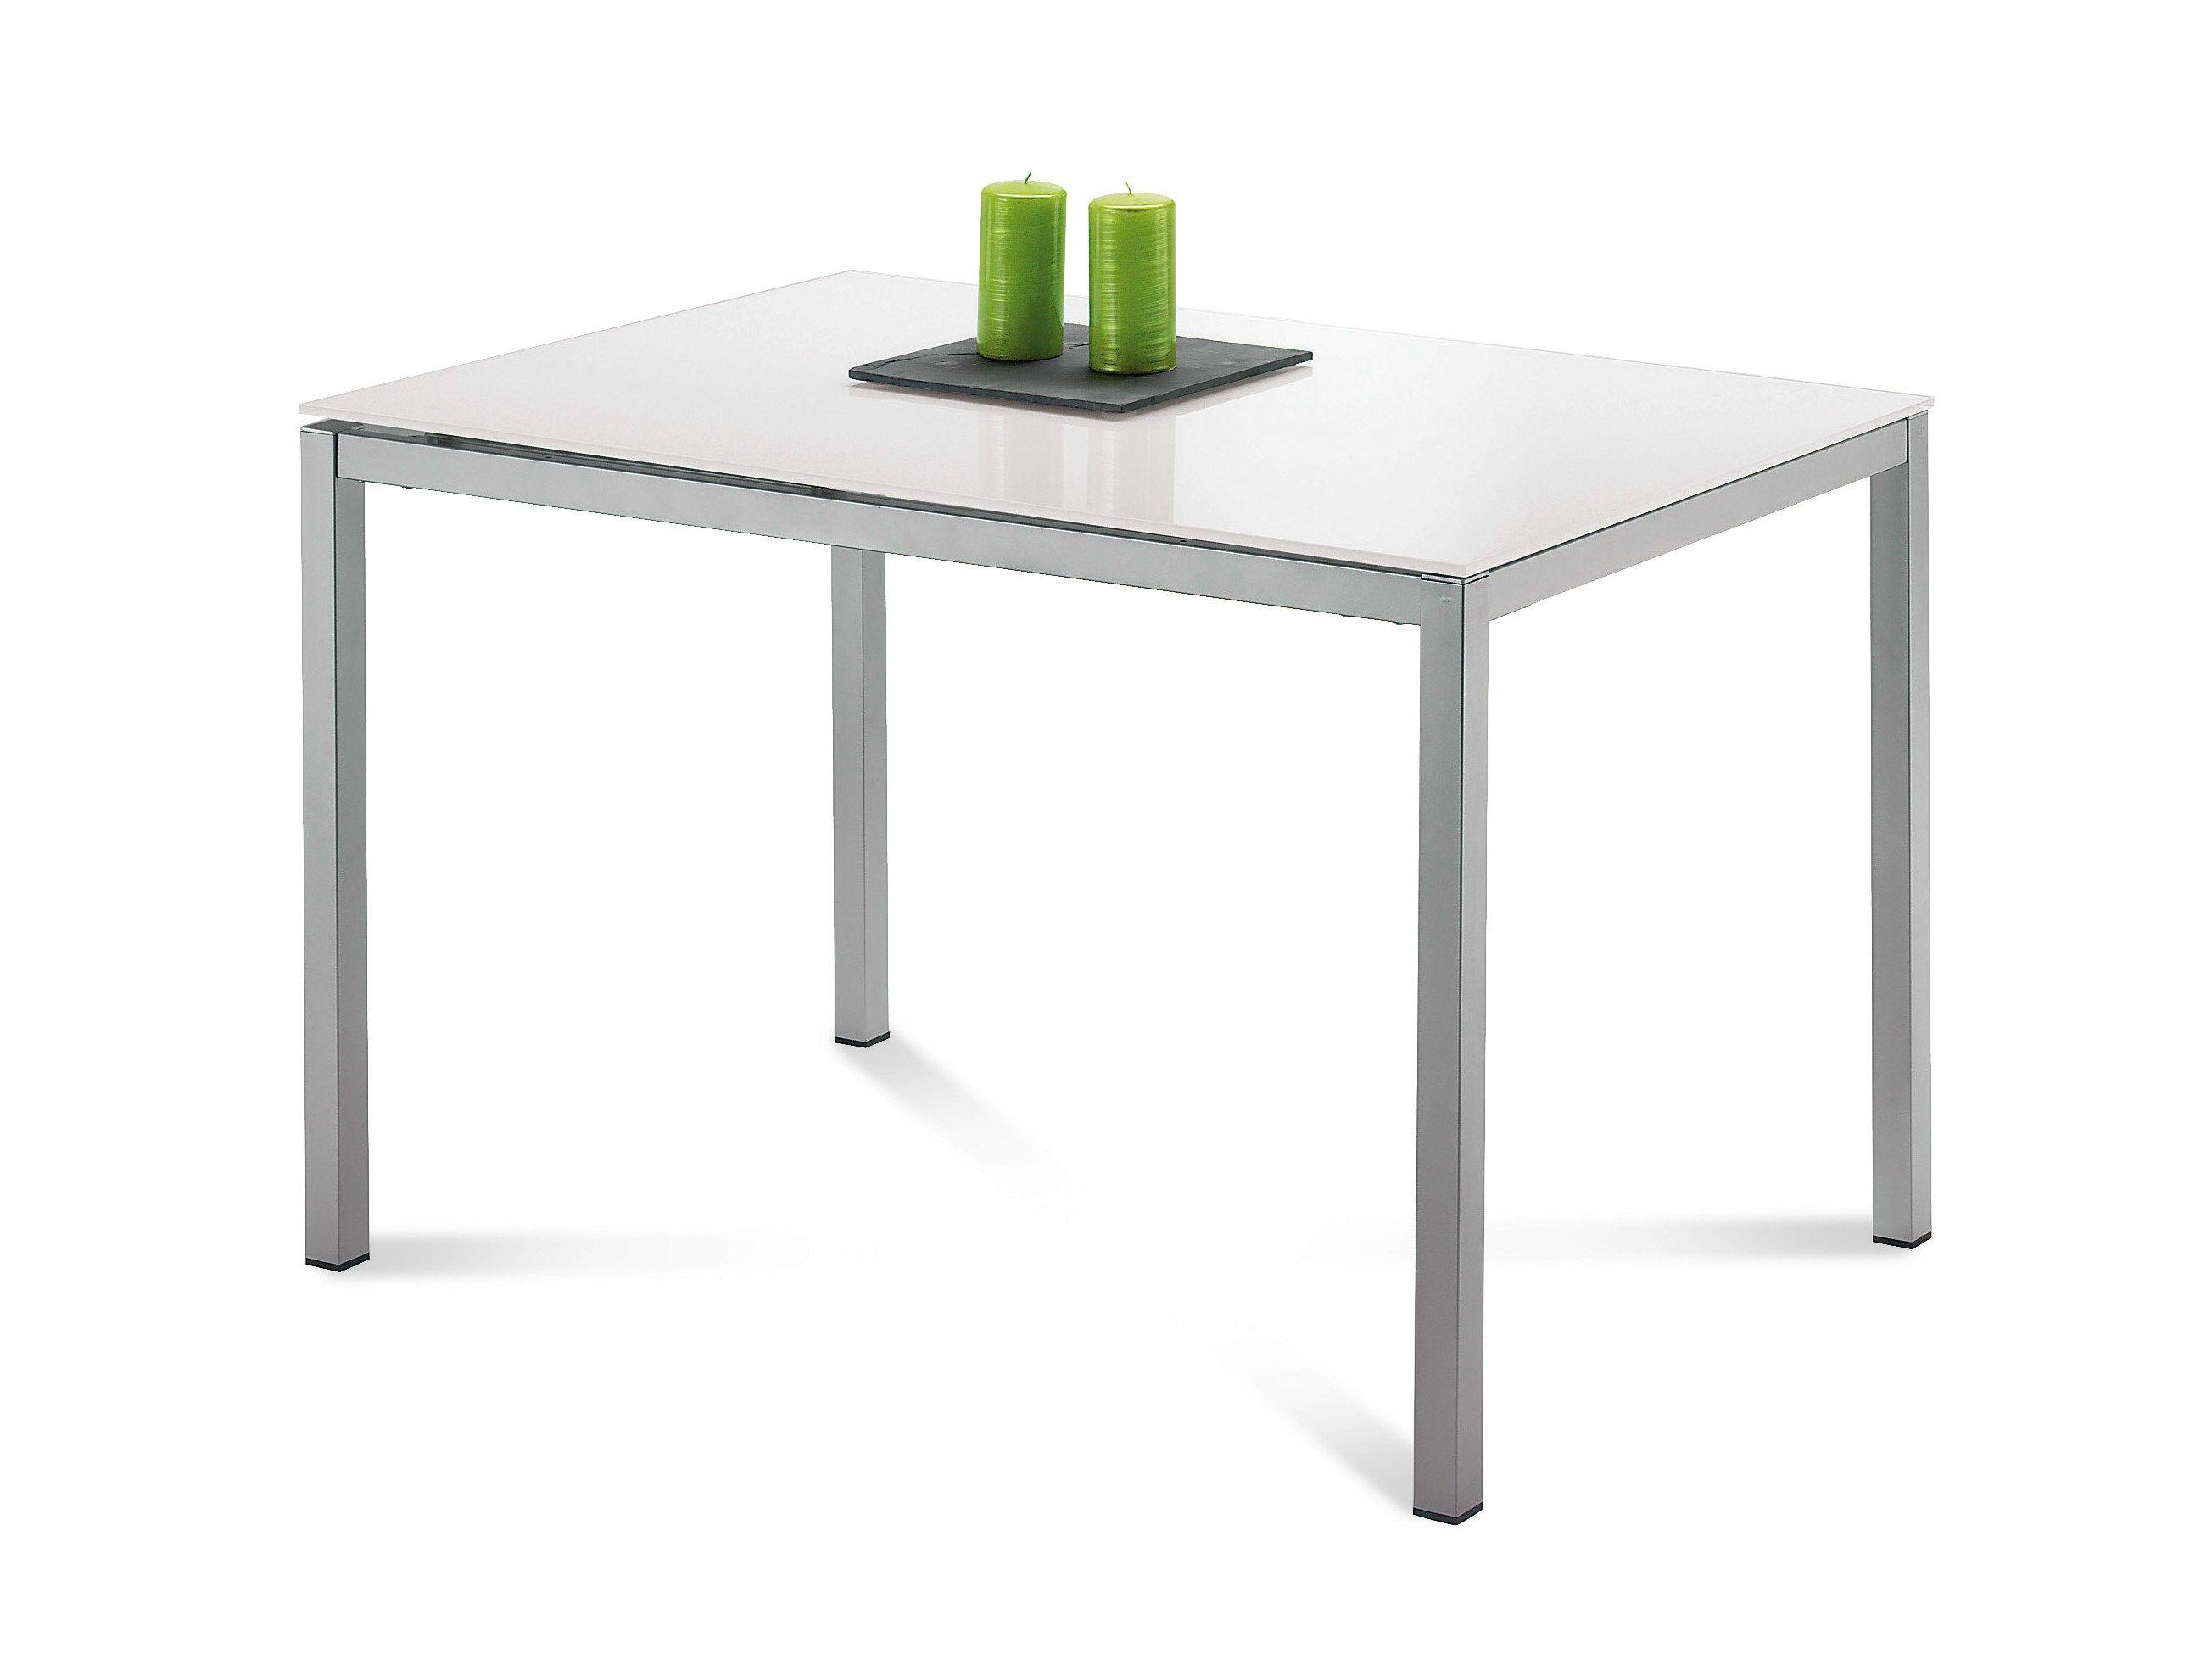 Tavolo allungabile rettangolare full by domitalia - Tavoli regolabili in altezza prezzi ...